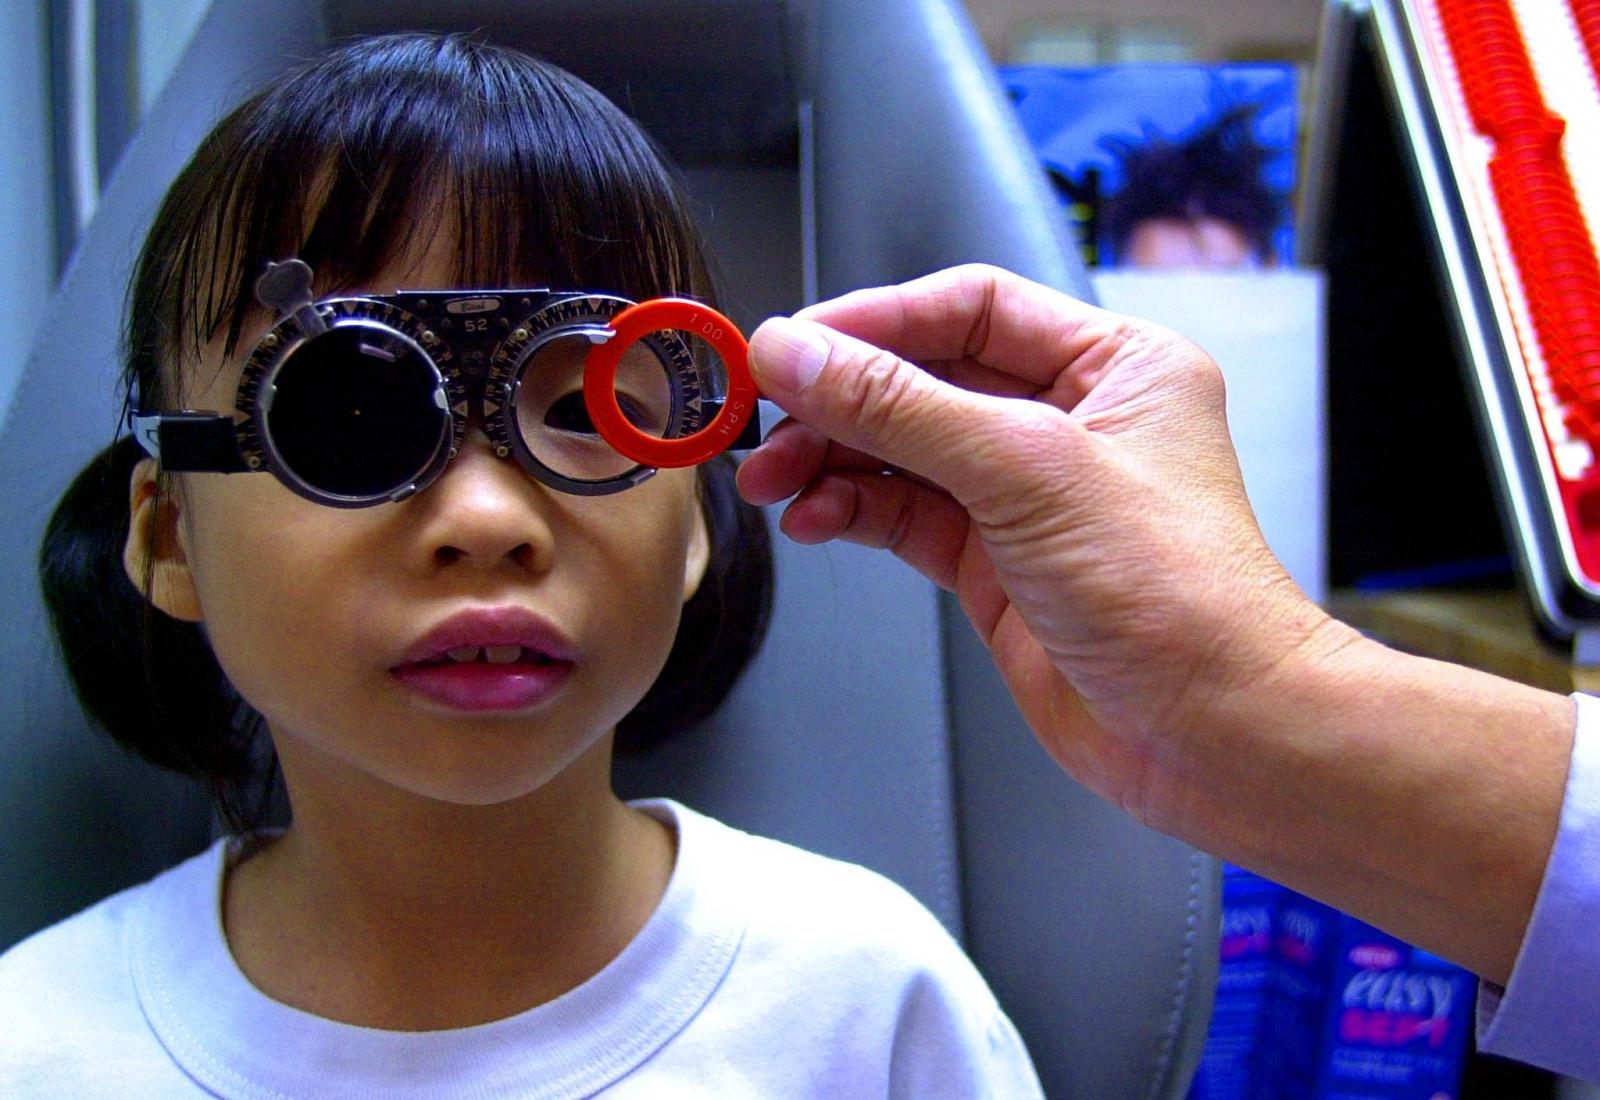 An eye test